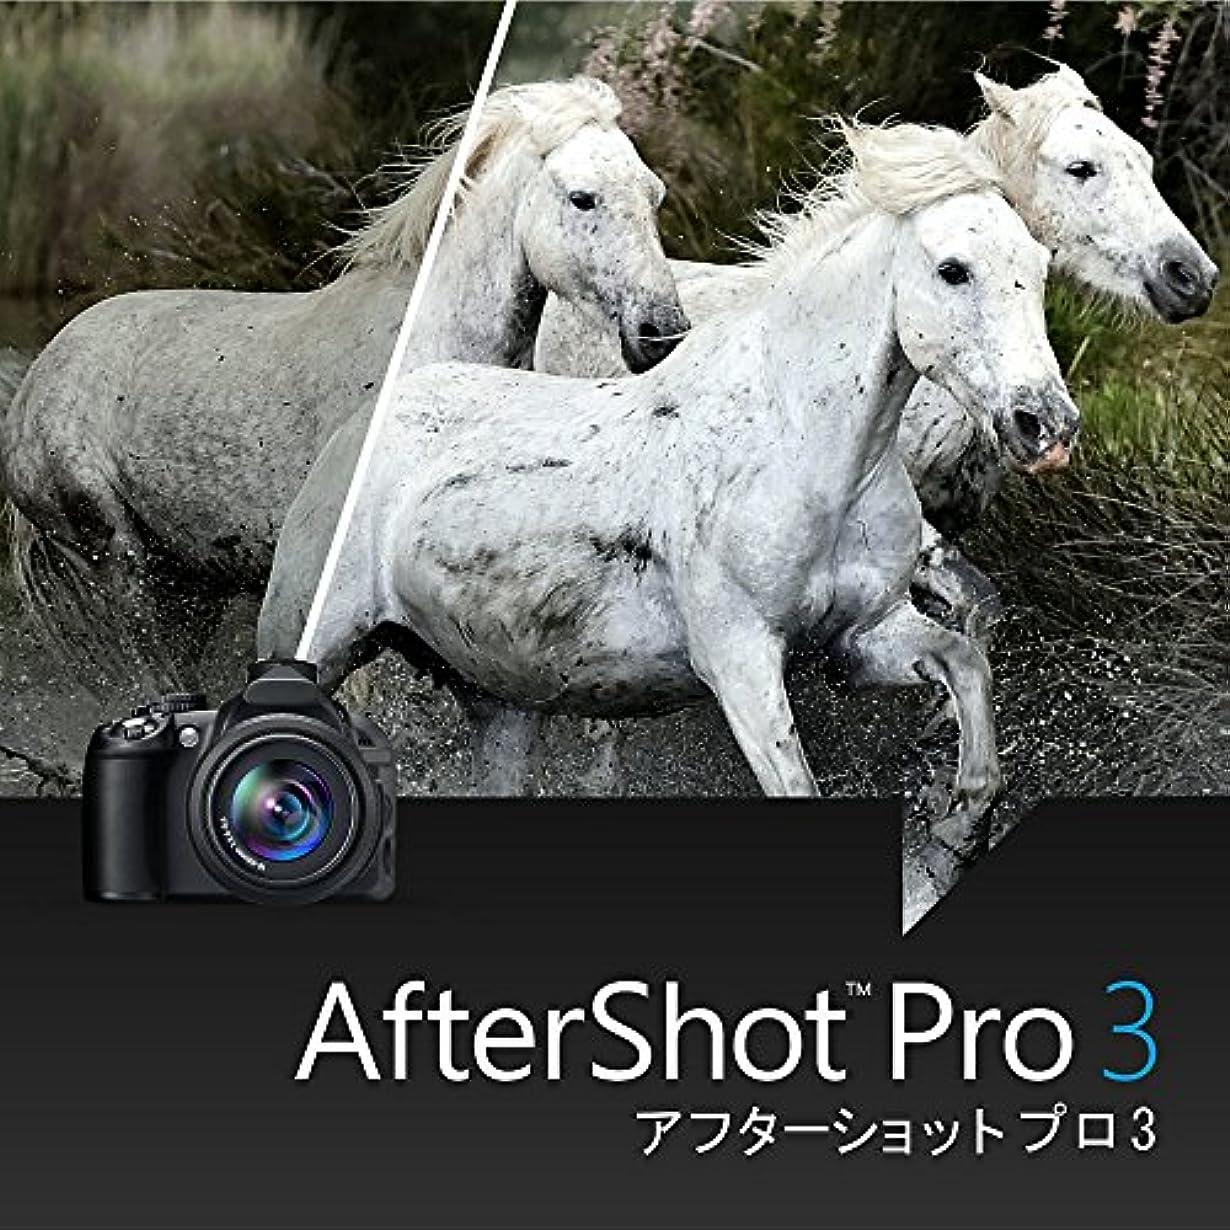 哲学者ワークショップグリルCorel AfterShot Pro 3 アップグレード版 ダウンロード版